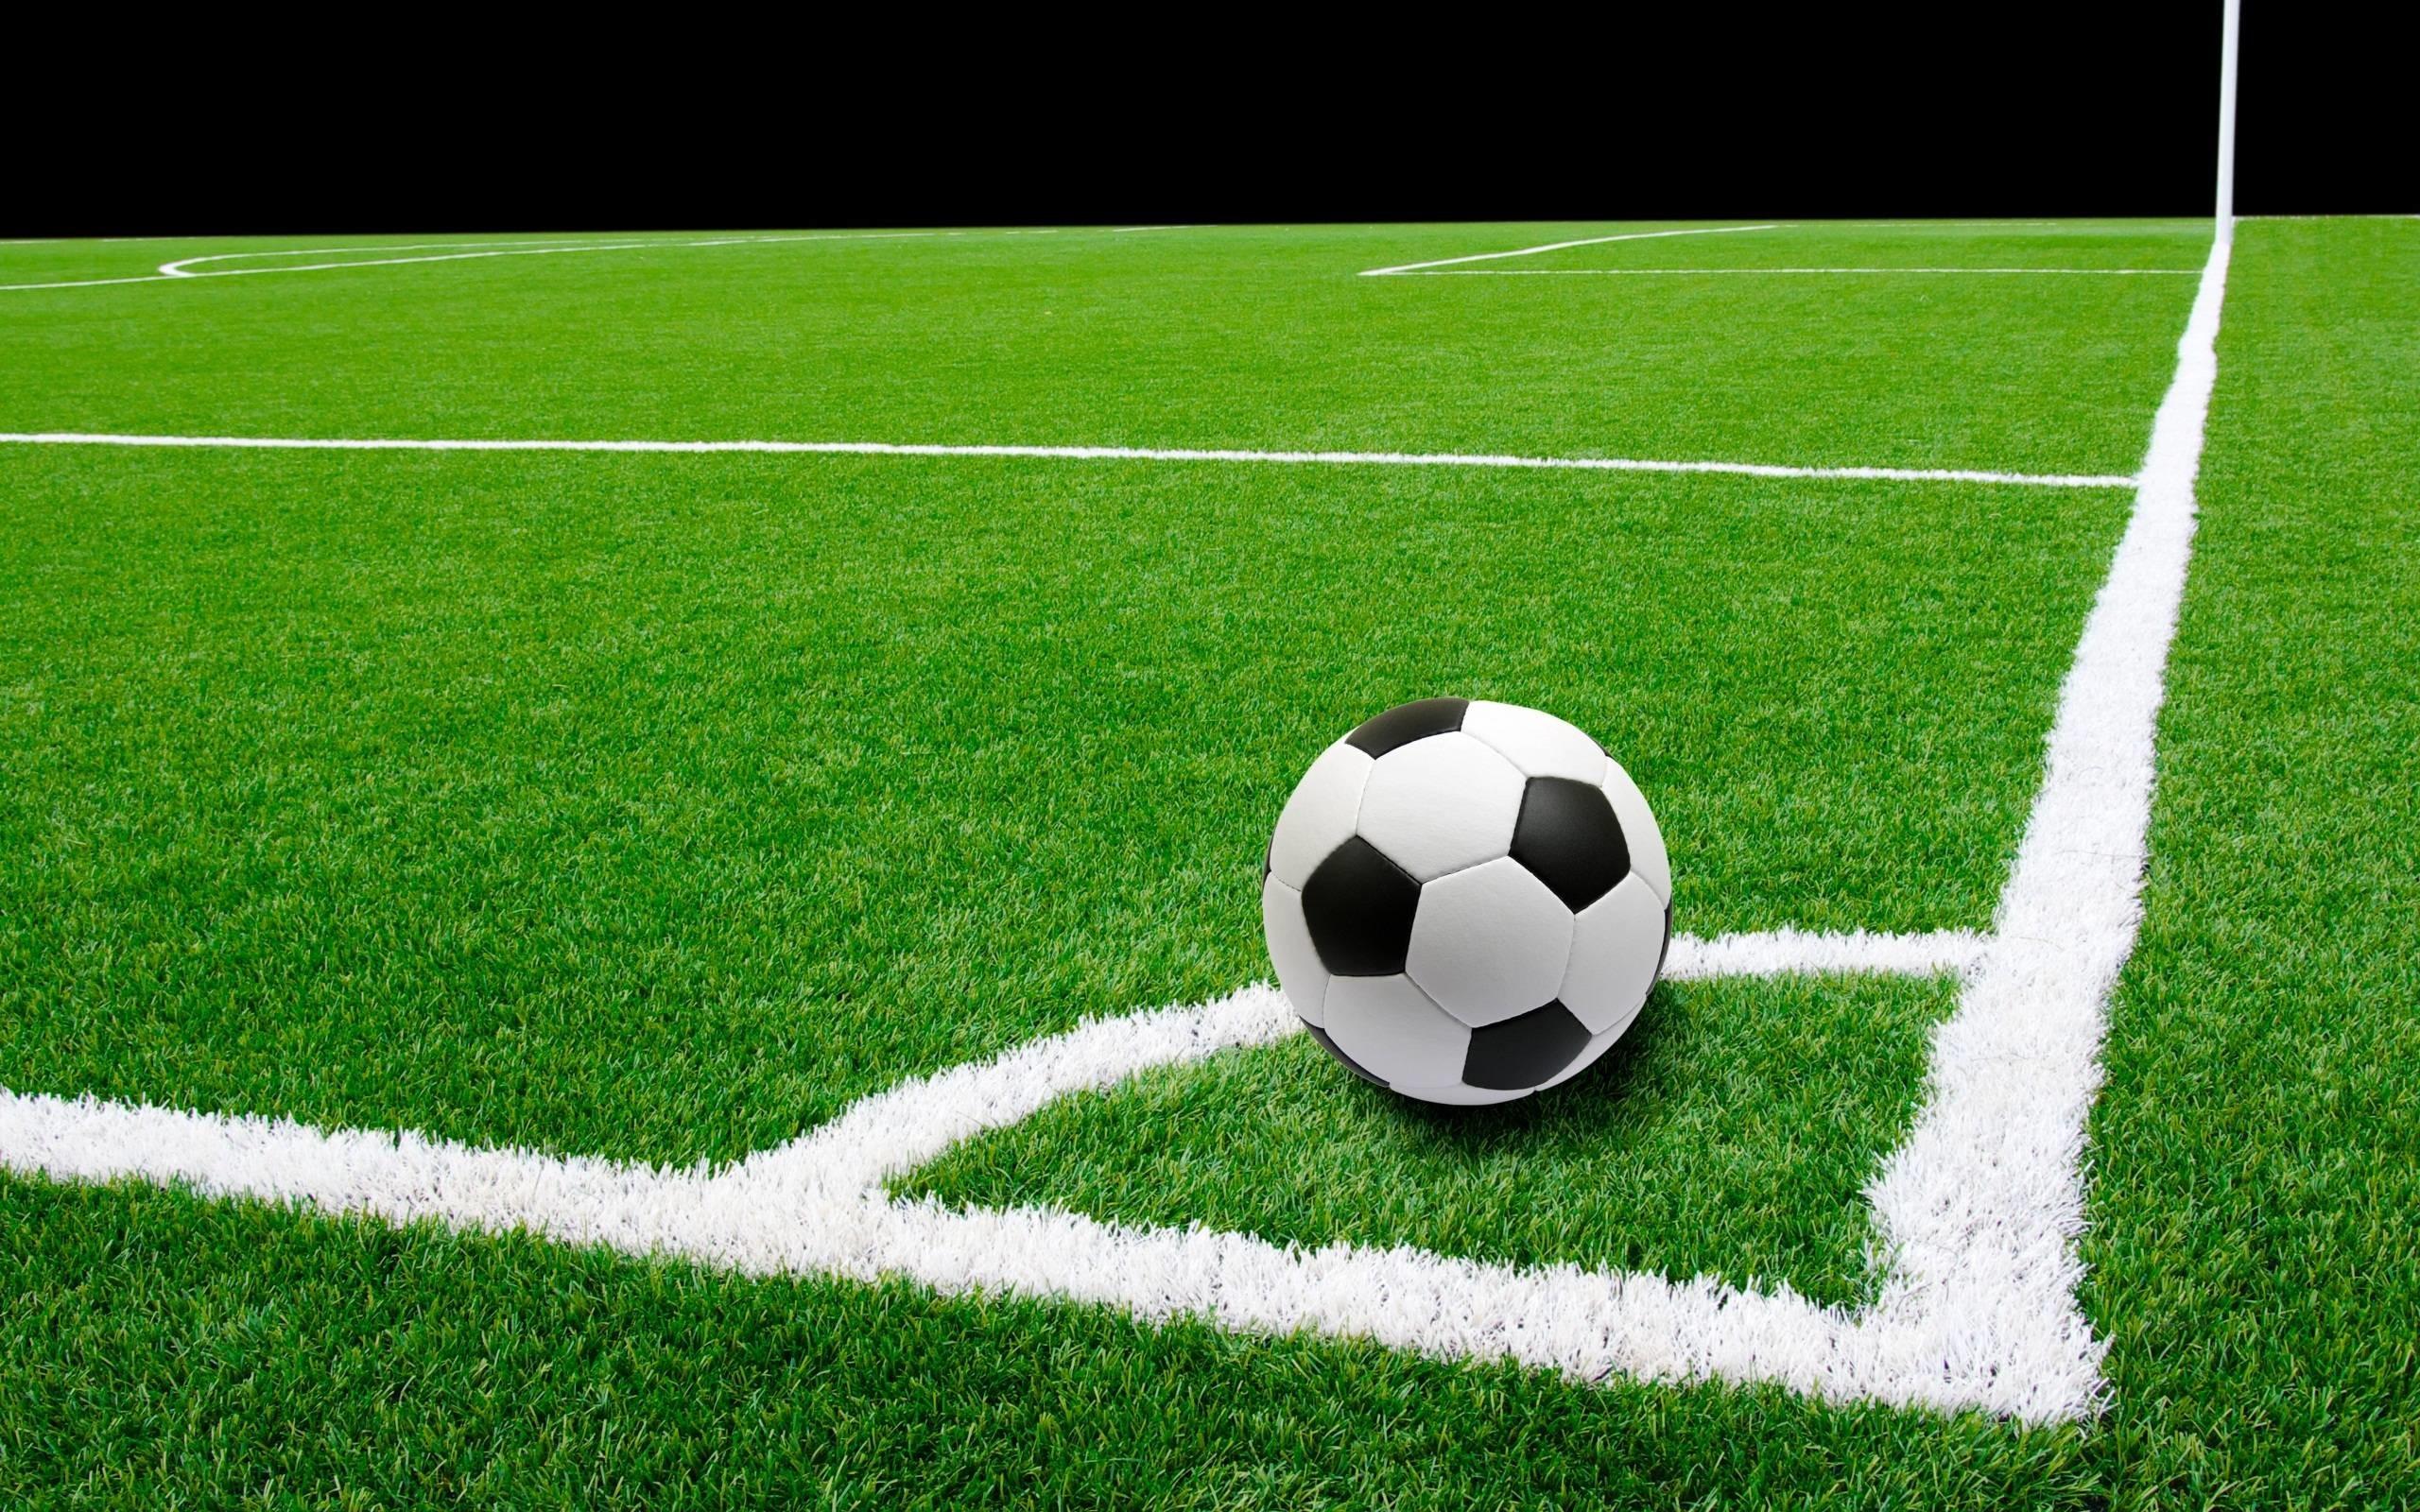 Soccer Field Wallpaper Hd 29323 Hd Wallpapers in Football – Telusers.